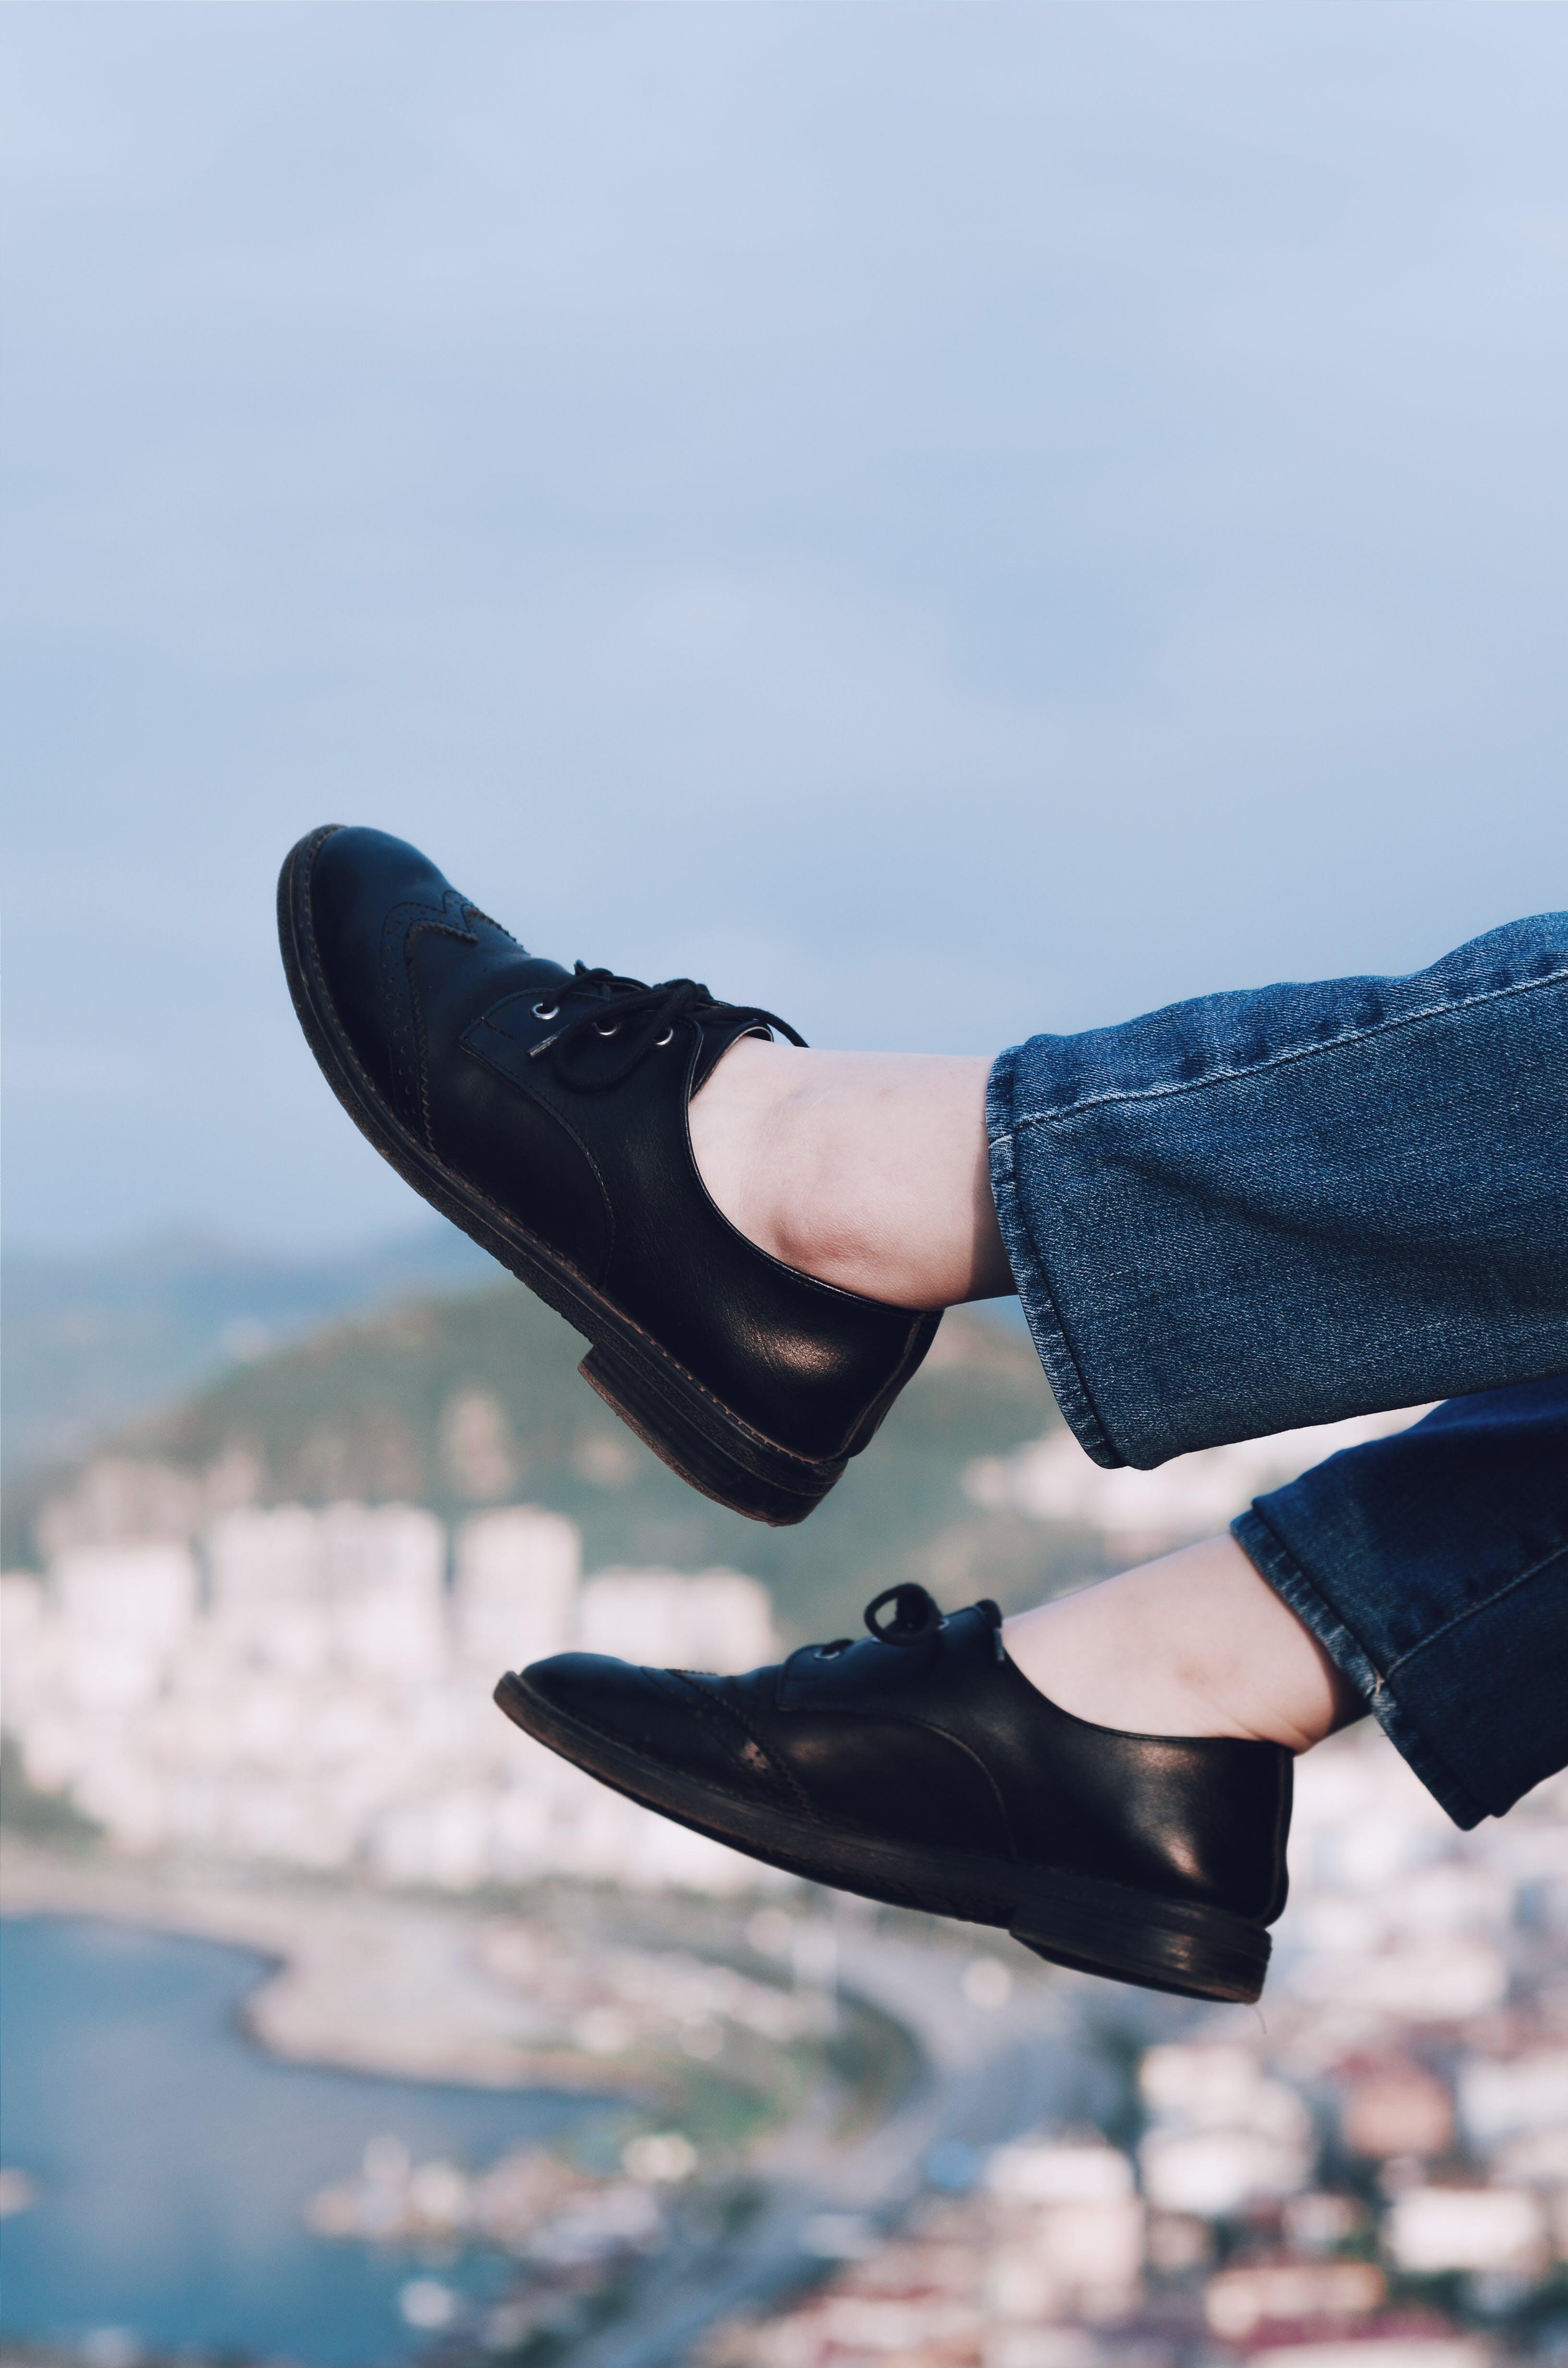 呎, 皮鞋, 鞋, 鞋類 的 免费素材照片